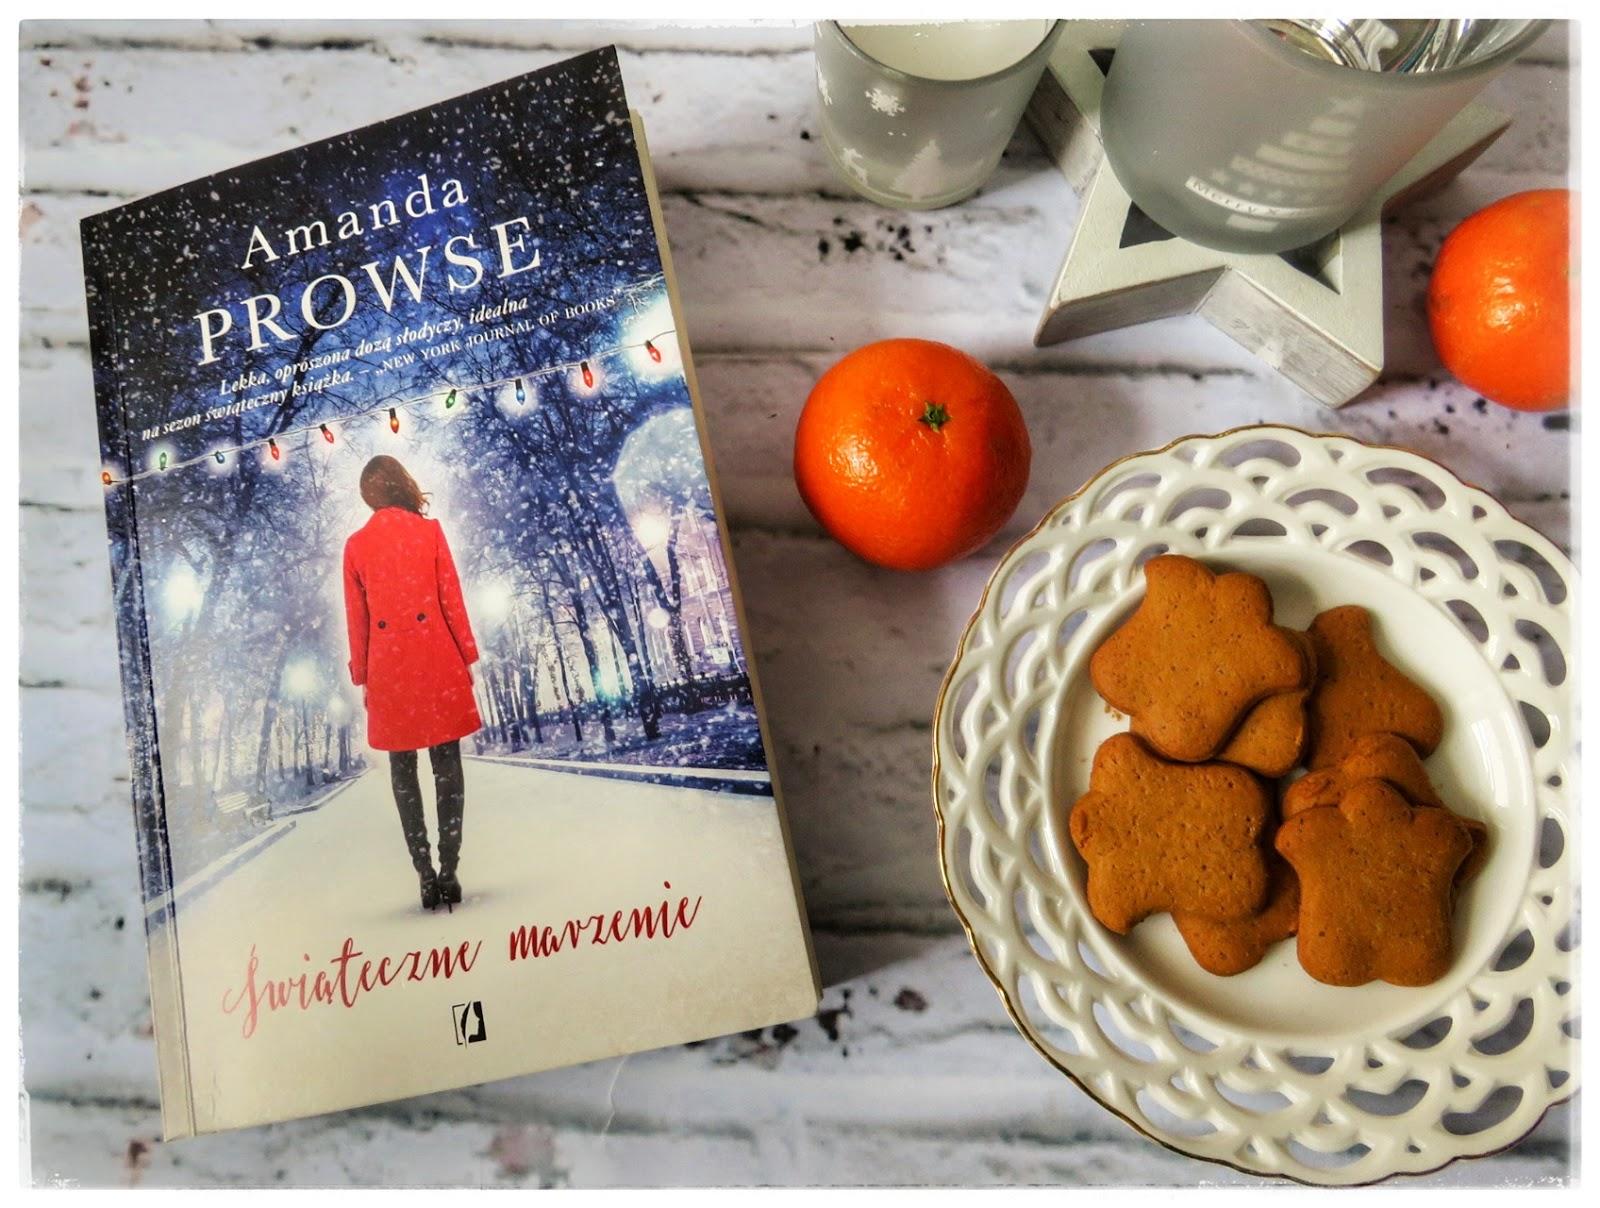 Świąteczne marzenie Amanda Prowse - recenzja